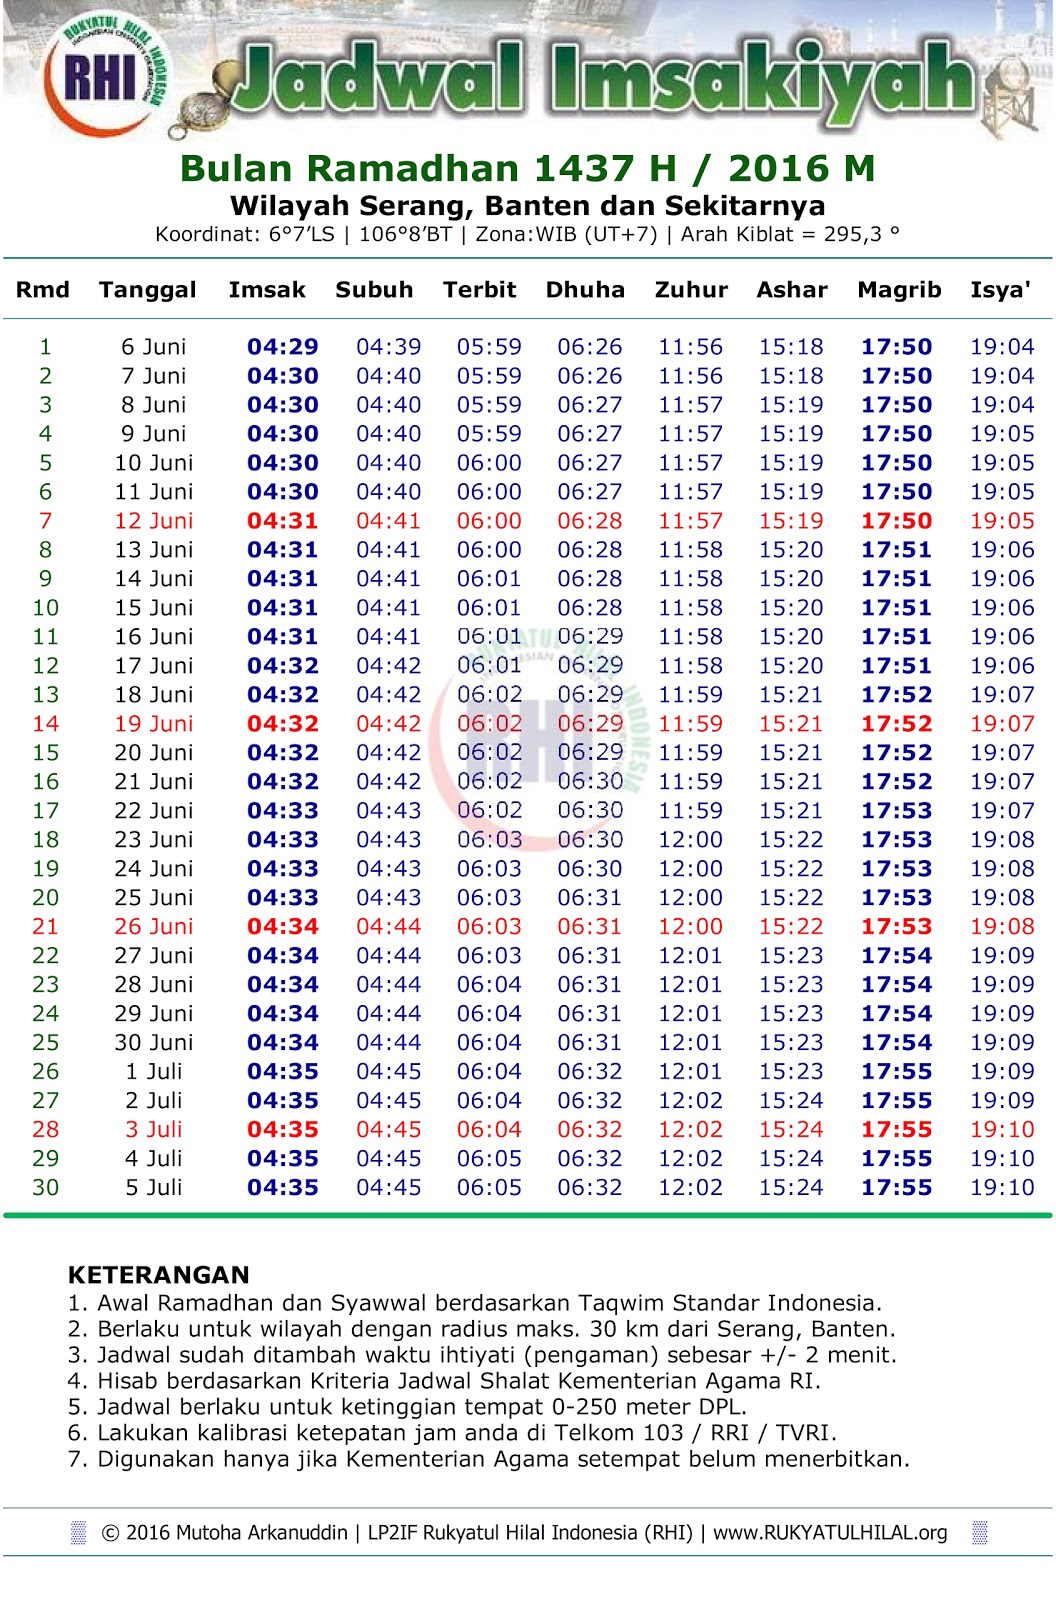 [Info] Jadwal Imsakiyah Ramadhan 1434 H / 2013 M Wilayah Serang, Banten dan Sekitarnya